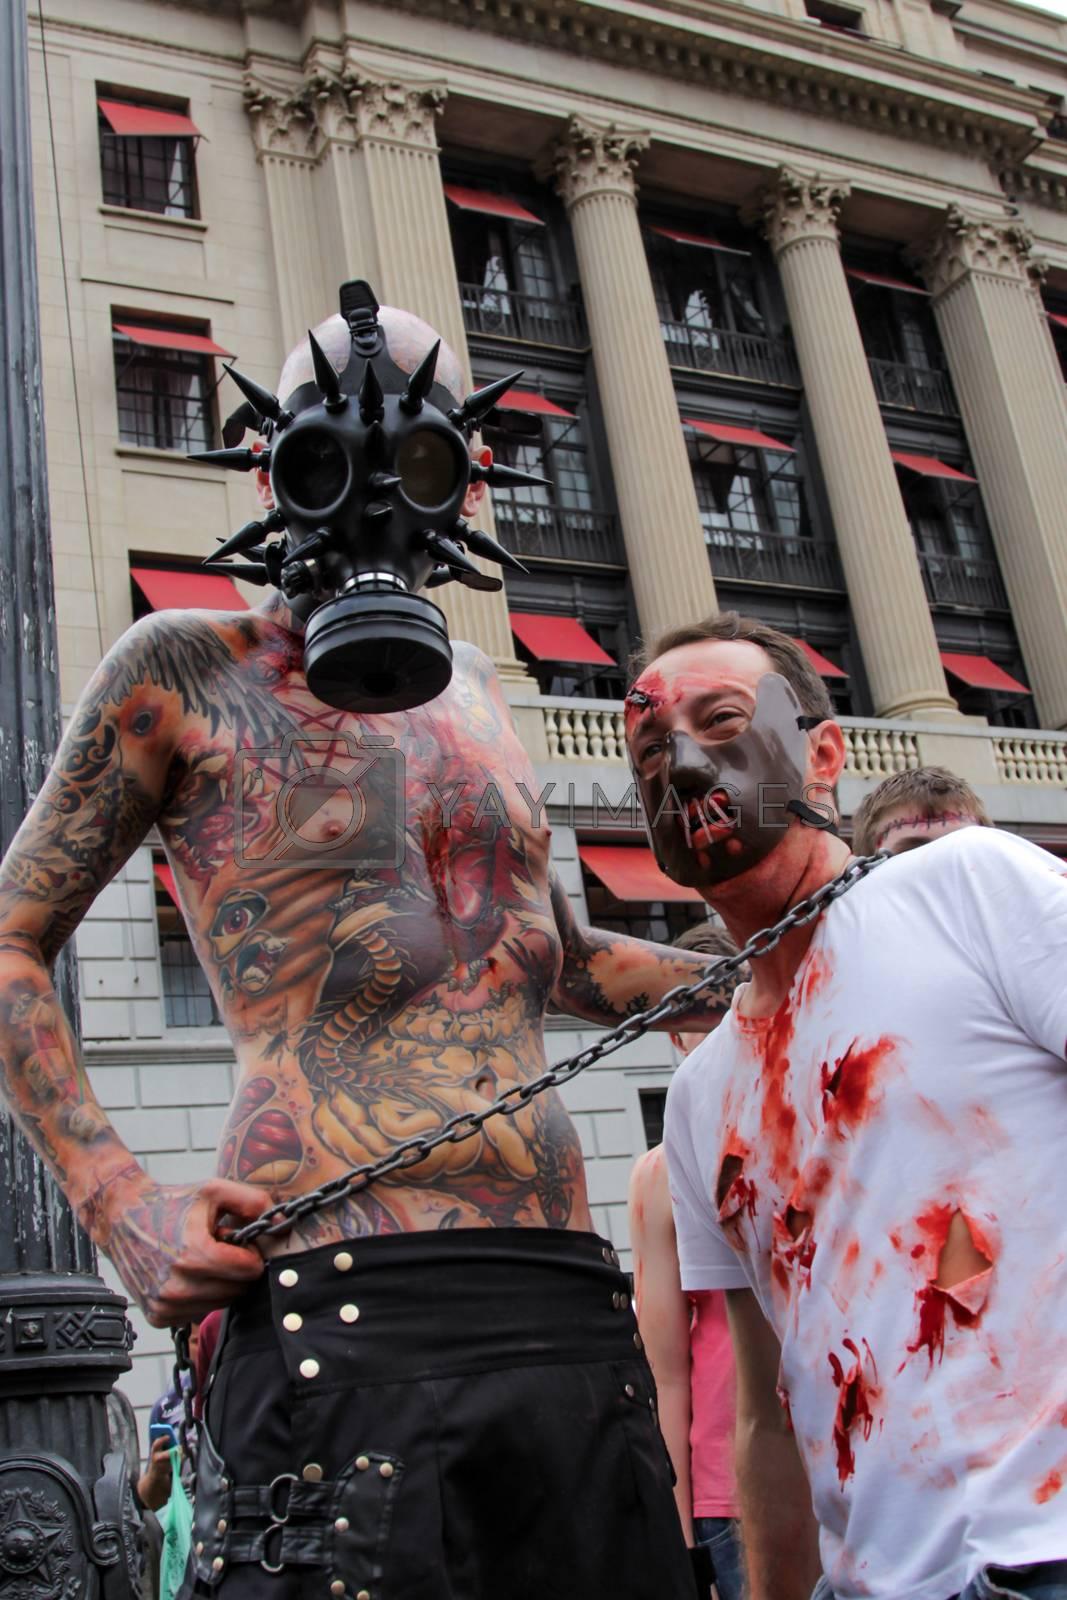 Sao Paulo, Brazil November 11 2015: Two unidentified men in costumes in the annual event Zombie Walk in Sao Paulo Brazil.